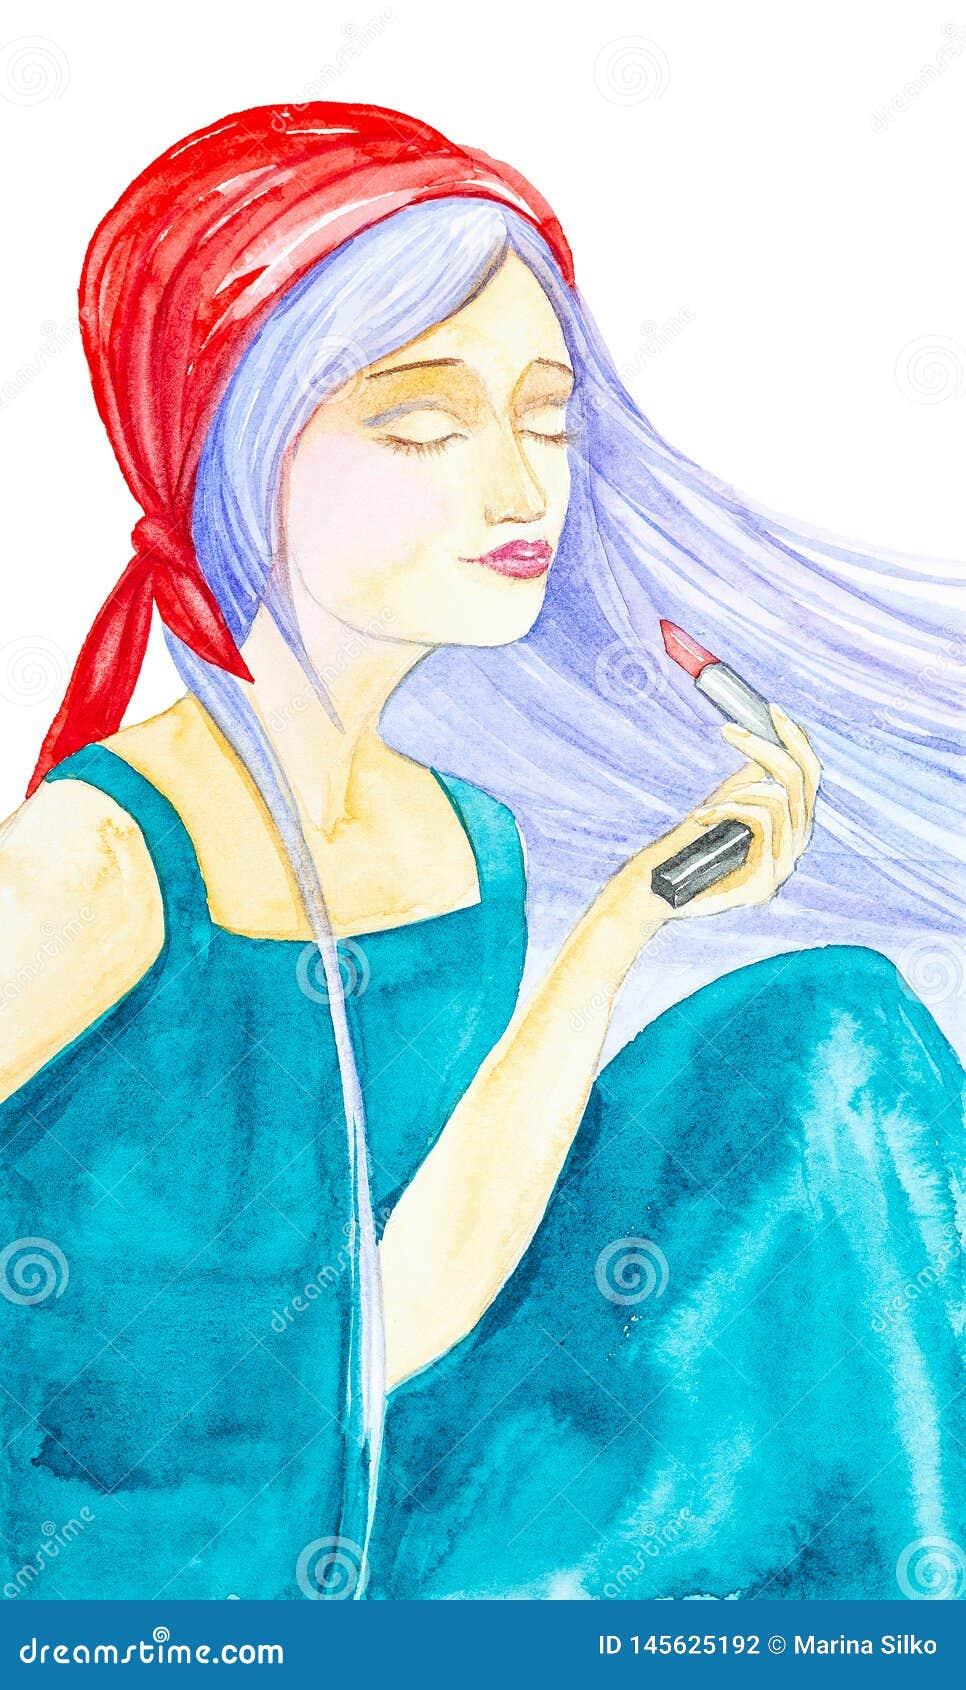 绿色礼服、红色班丹纳花绸和振翼的长的蓝色头发的美丽的少女 他闭上他的眼睛并且拿着在他的一红色口红